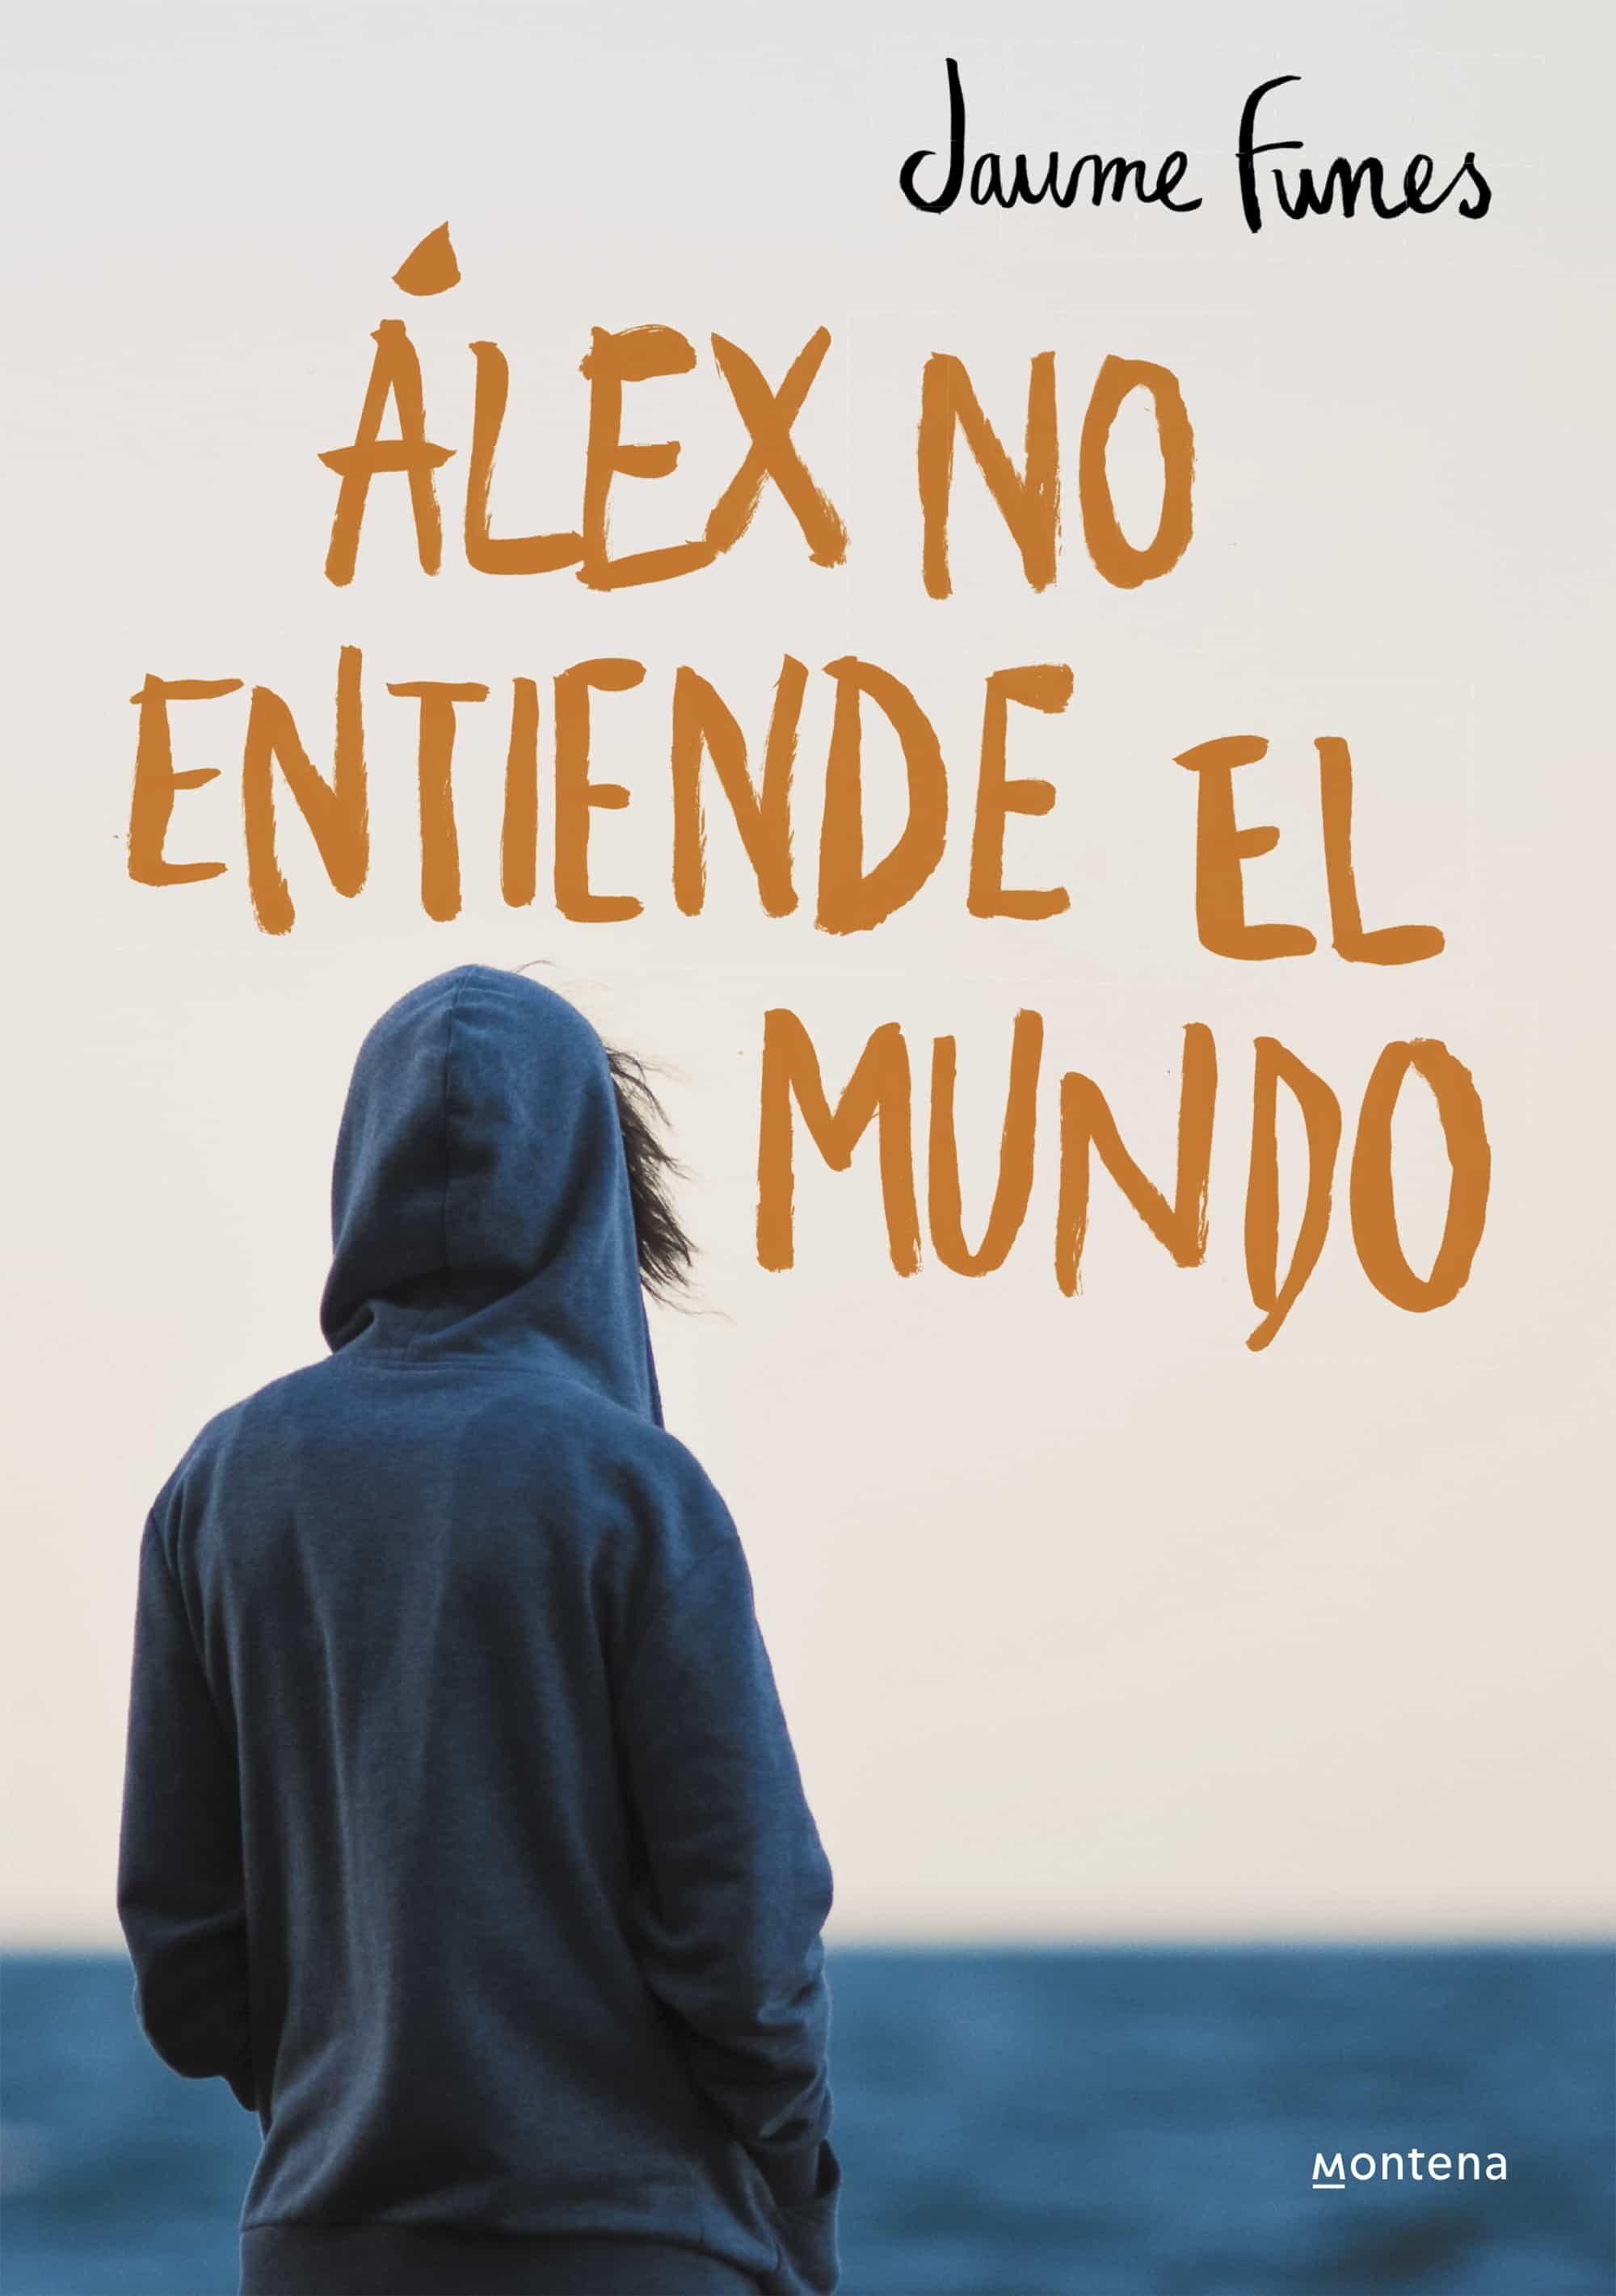 alex no entiende el mundo   jaume funes   comprar libro 9788490430880